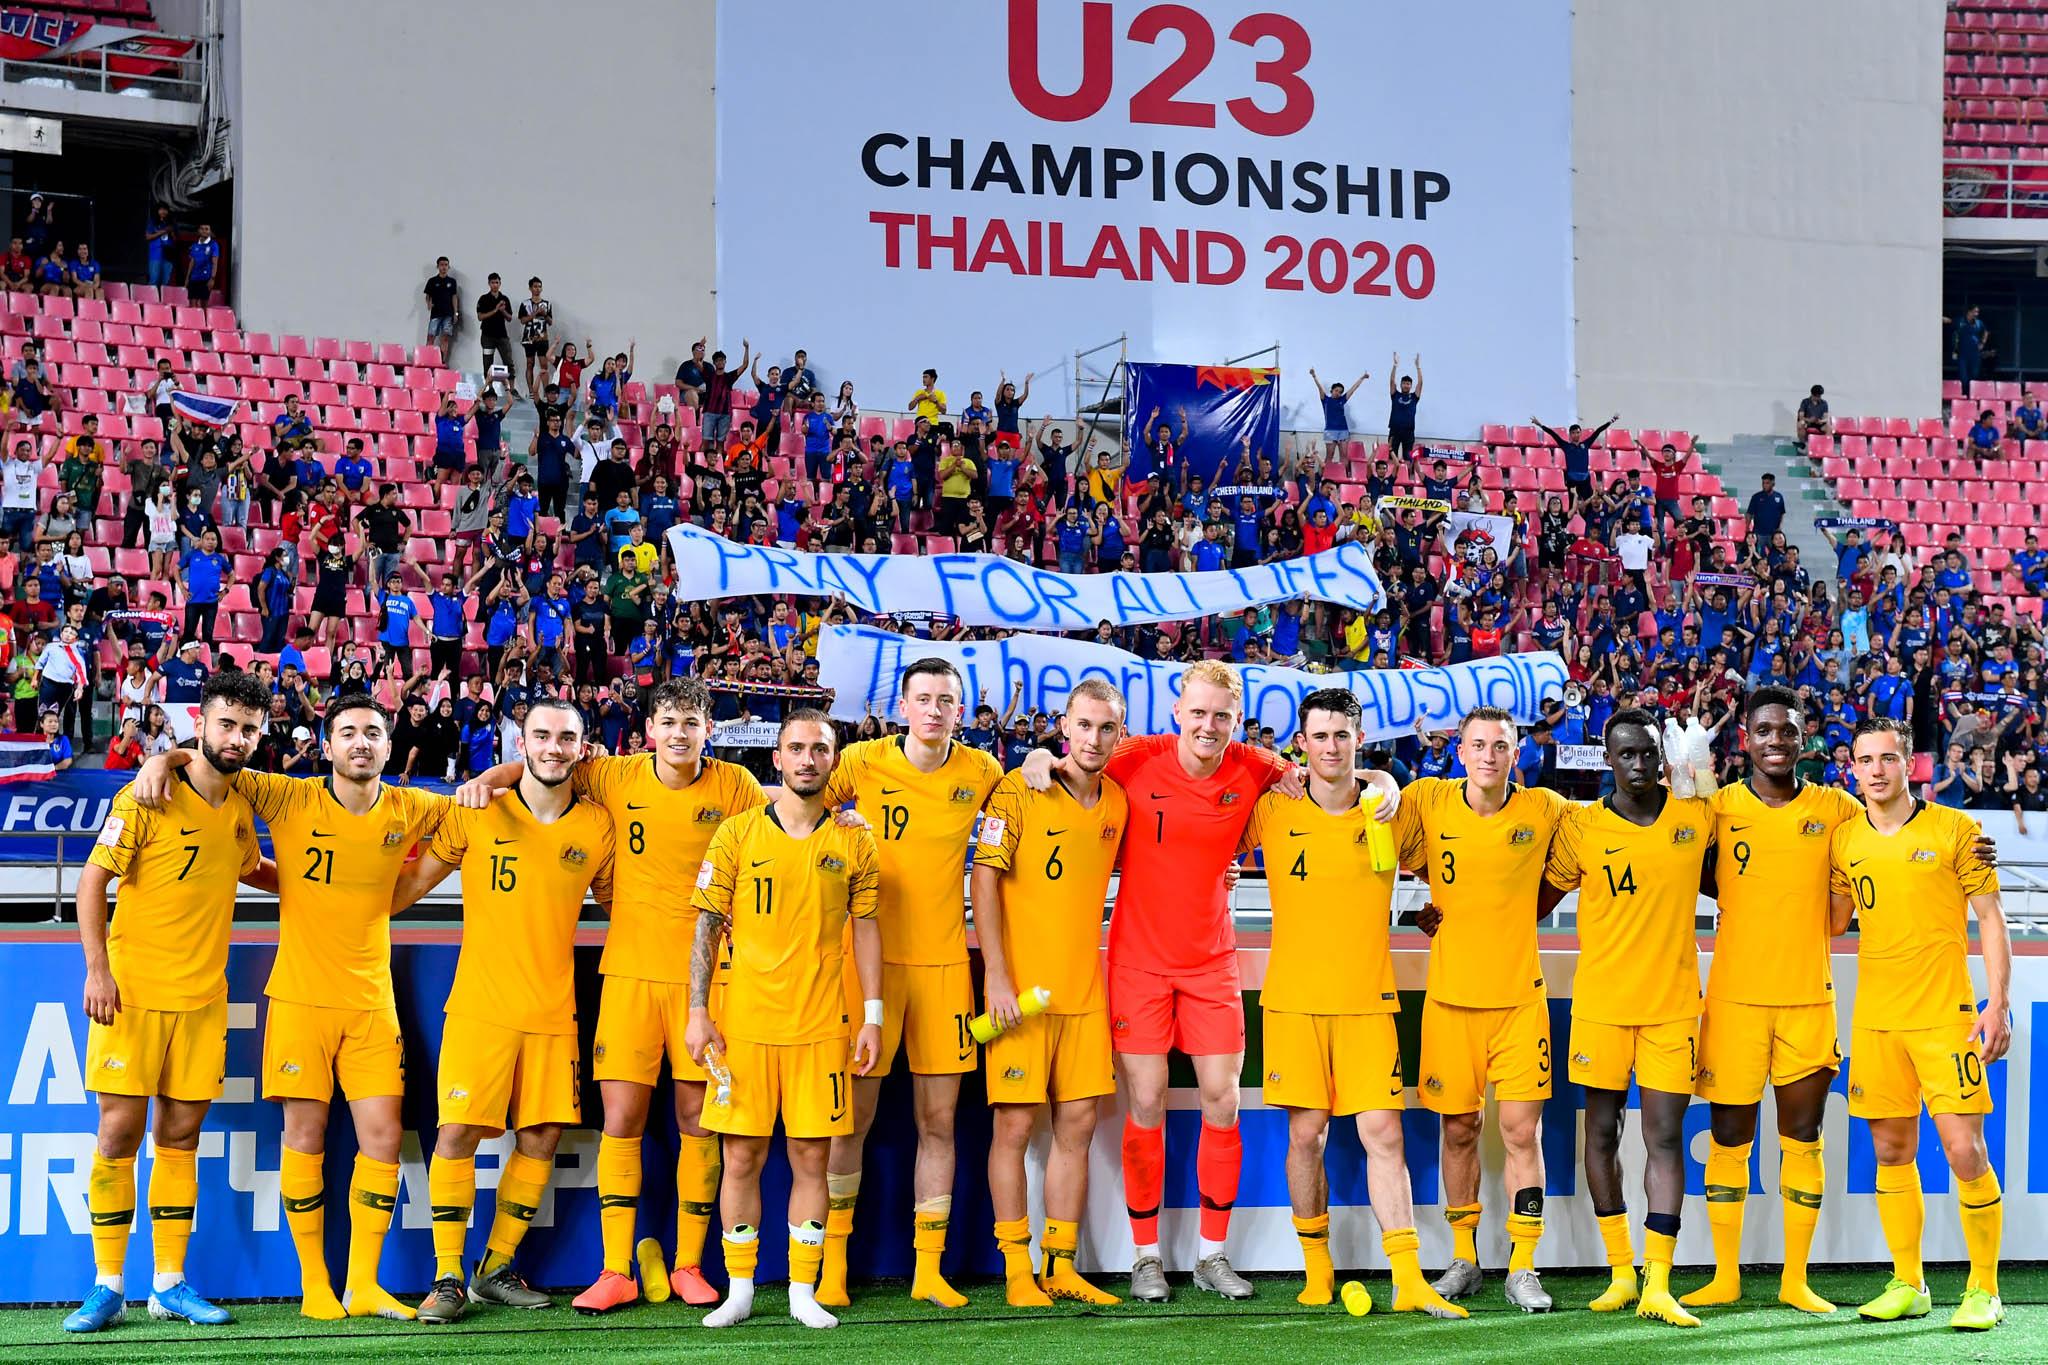 CĐV Thái Lan để lại ấn tượng đẹp trong ngày đội nhà thua ngược Australia - Bóng Đá